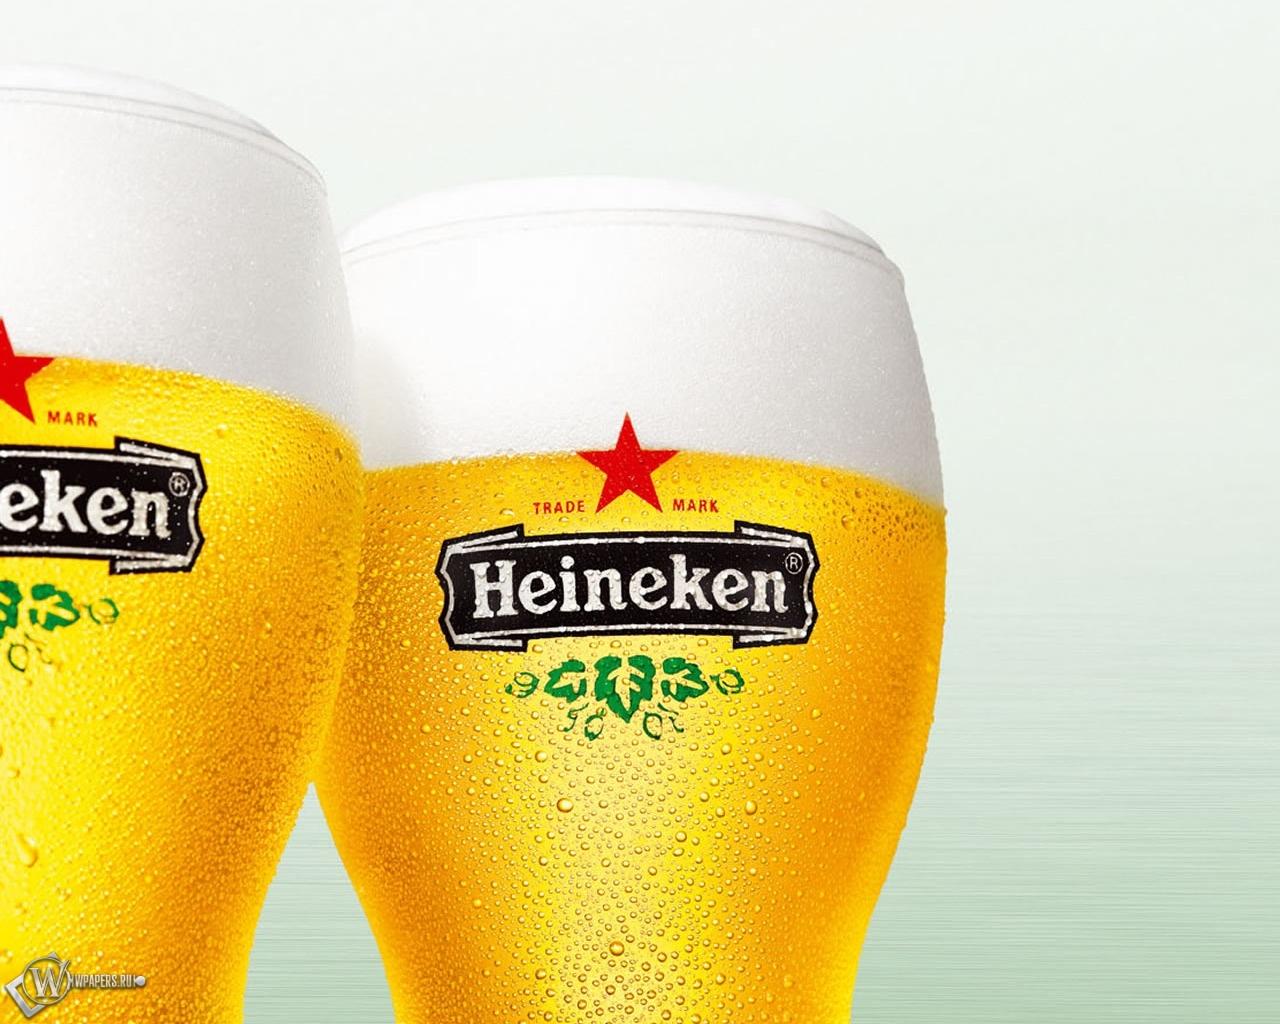 Heineken Beer 1280x1024